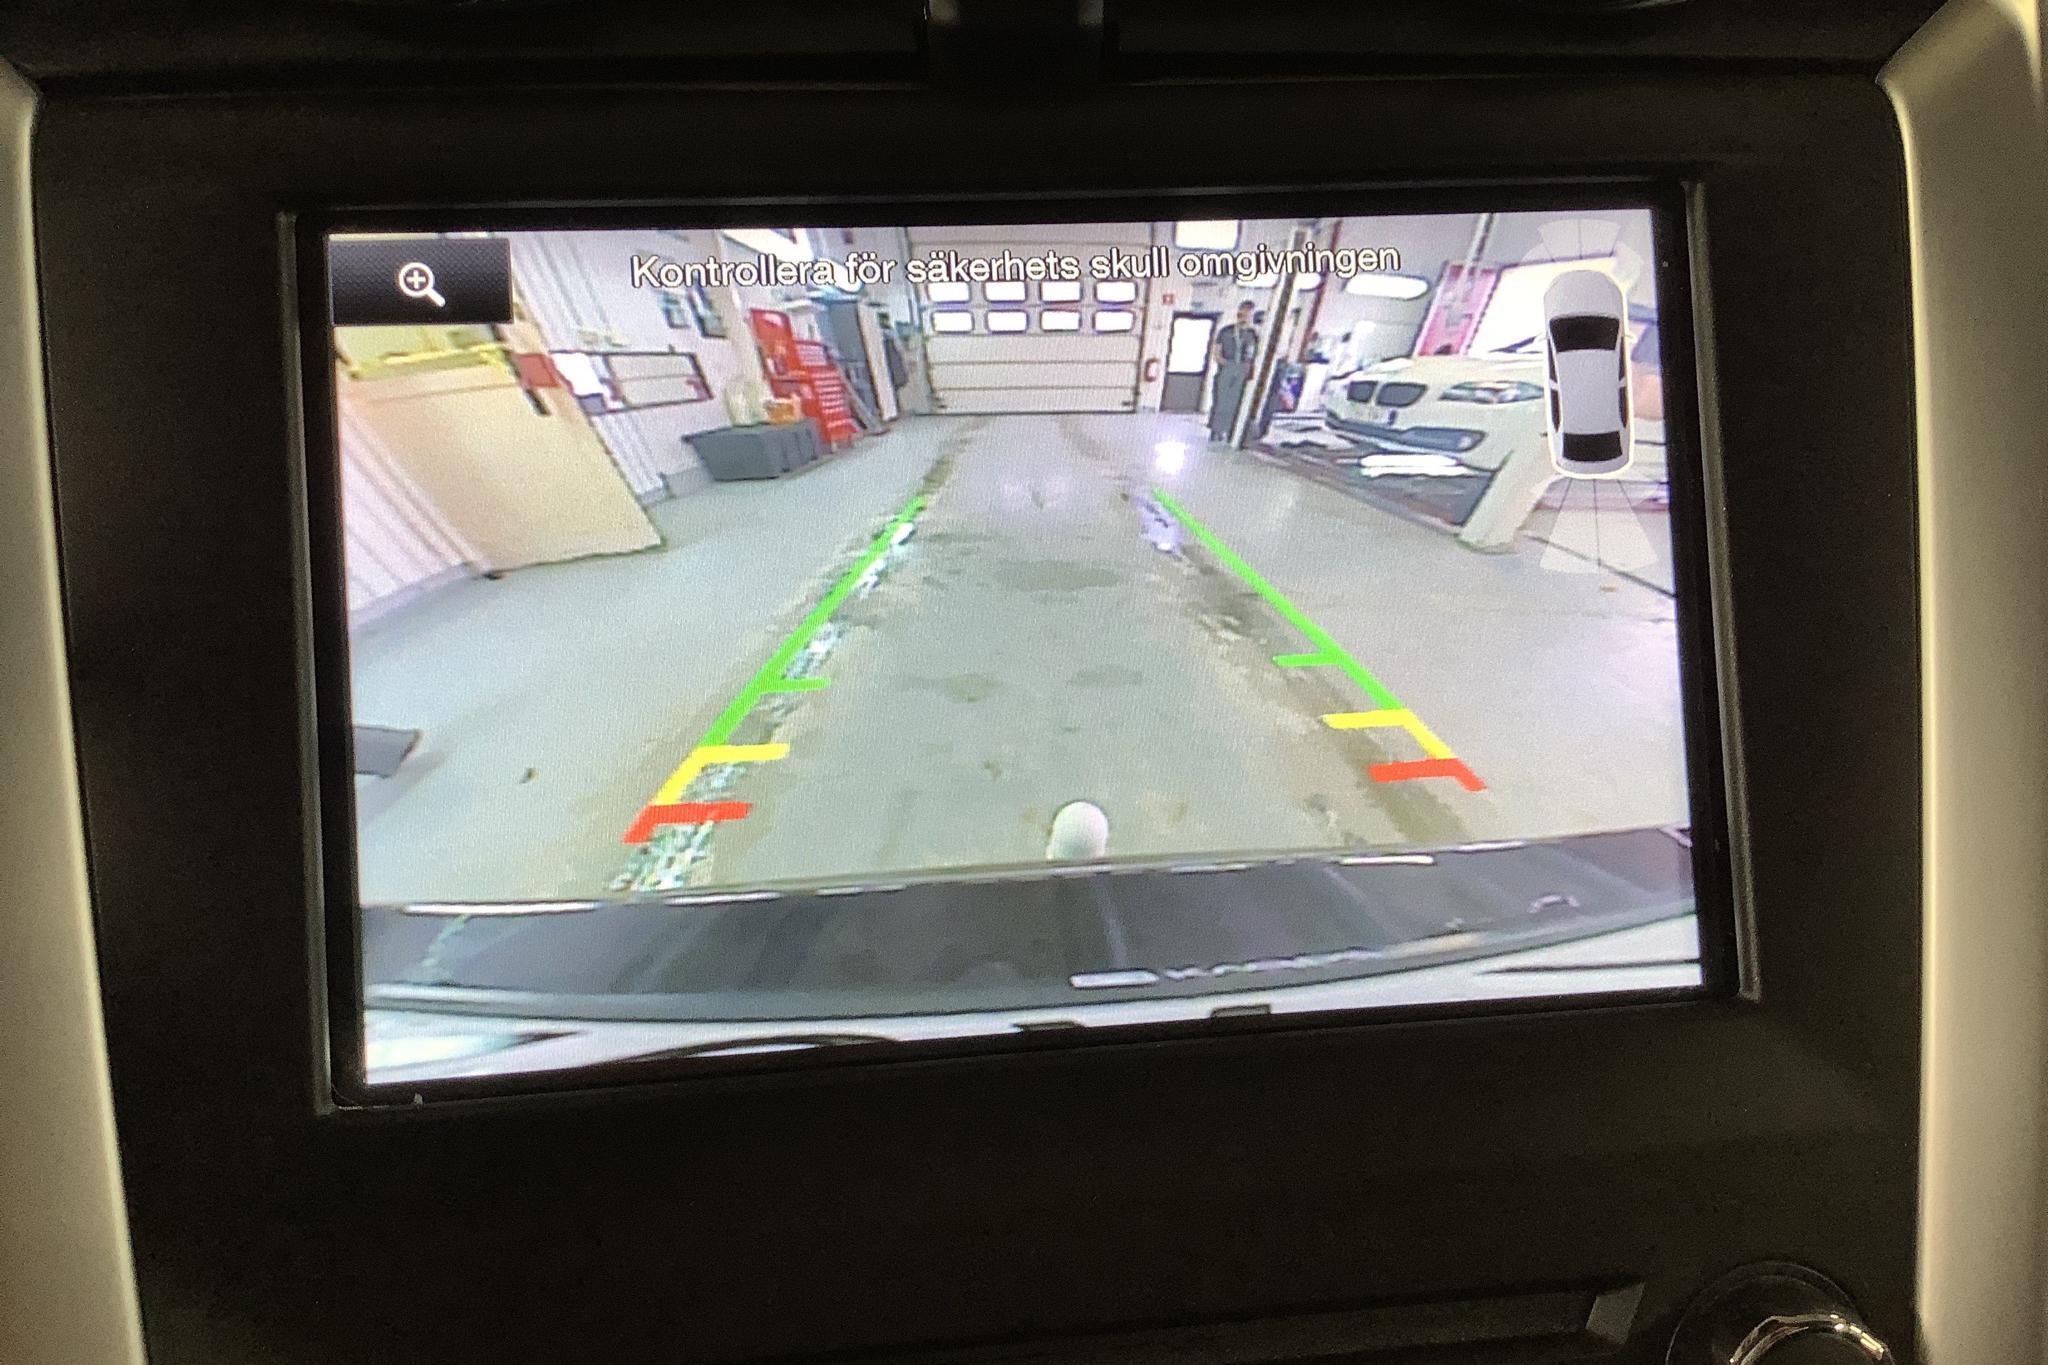 Ford Mondeo 2.0 TDCi AWD Kombi (150hk) - 10 036 mil - Manuell - svart - 2016